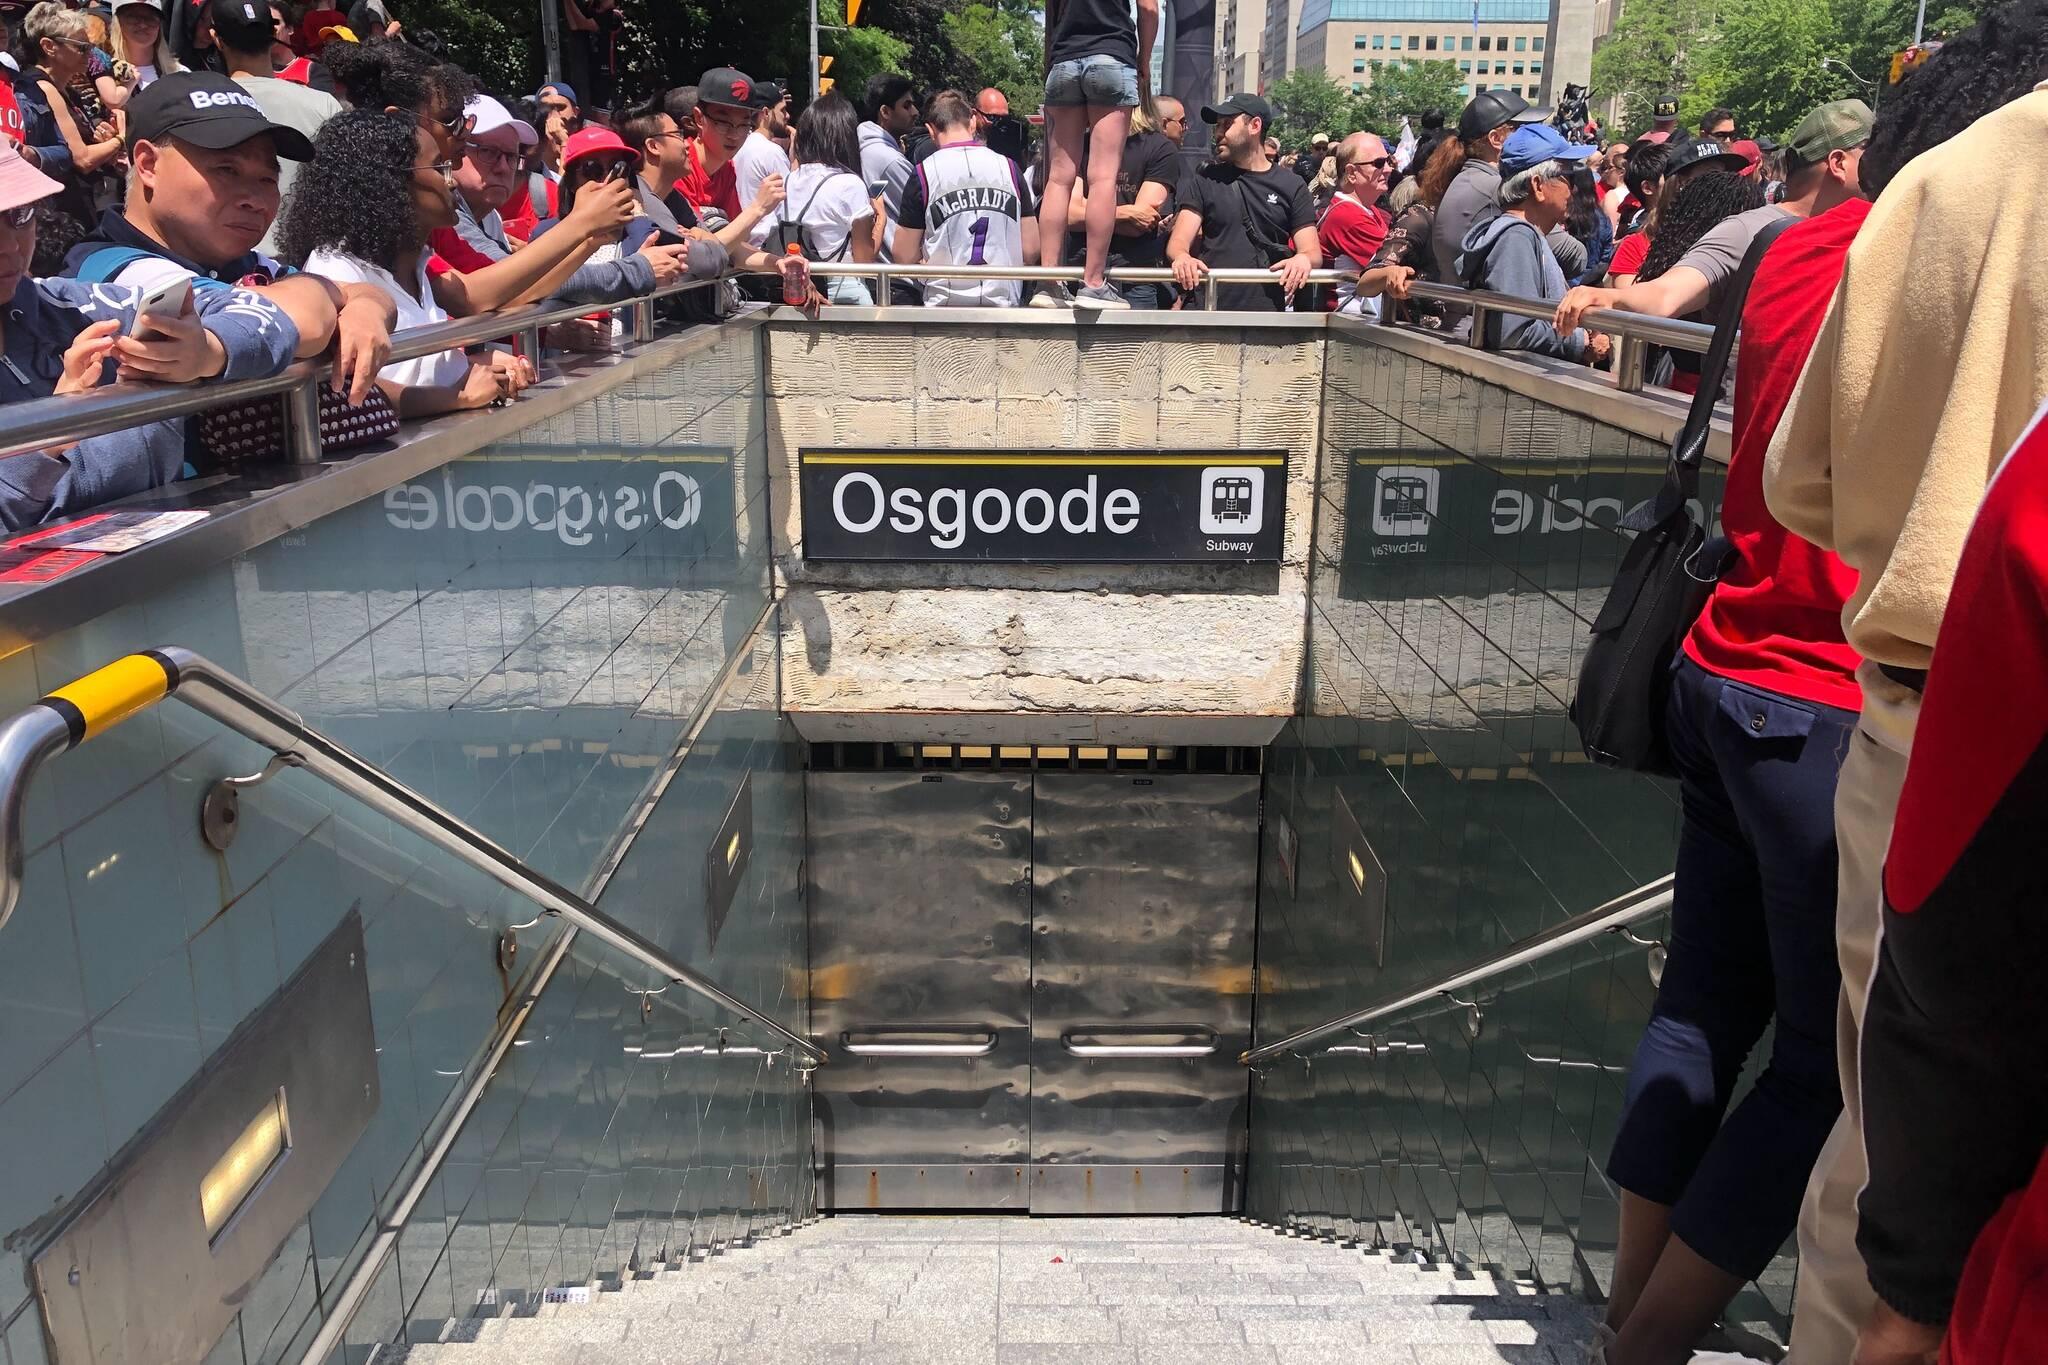 osgoode station